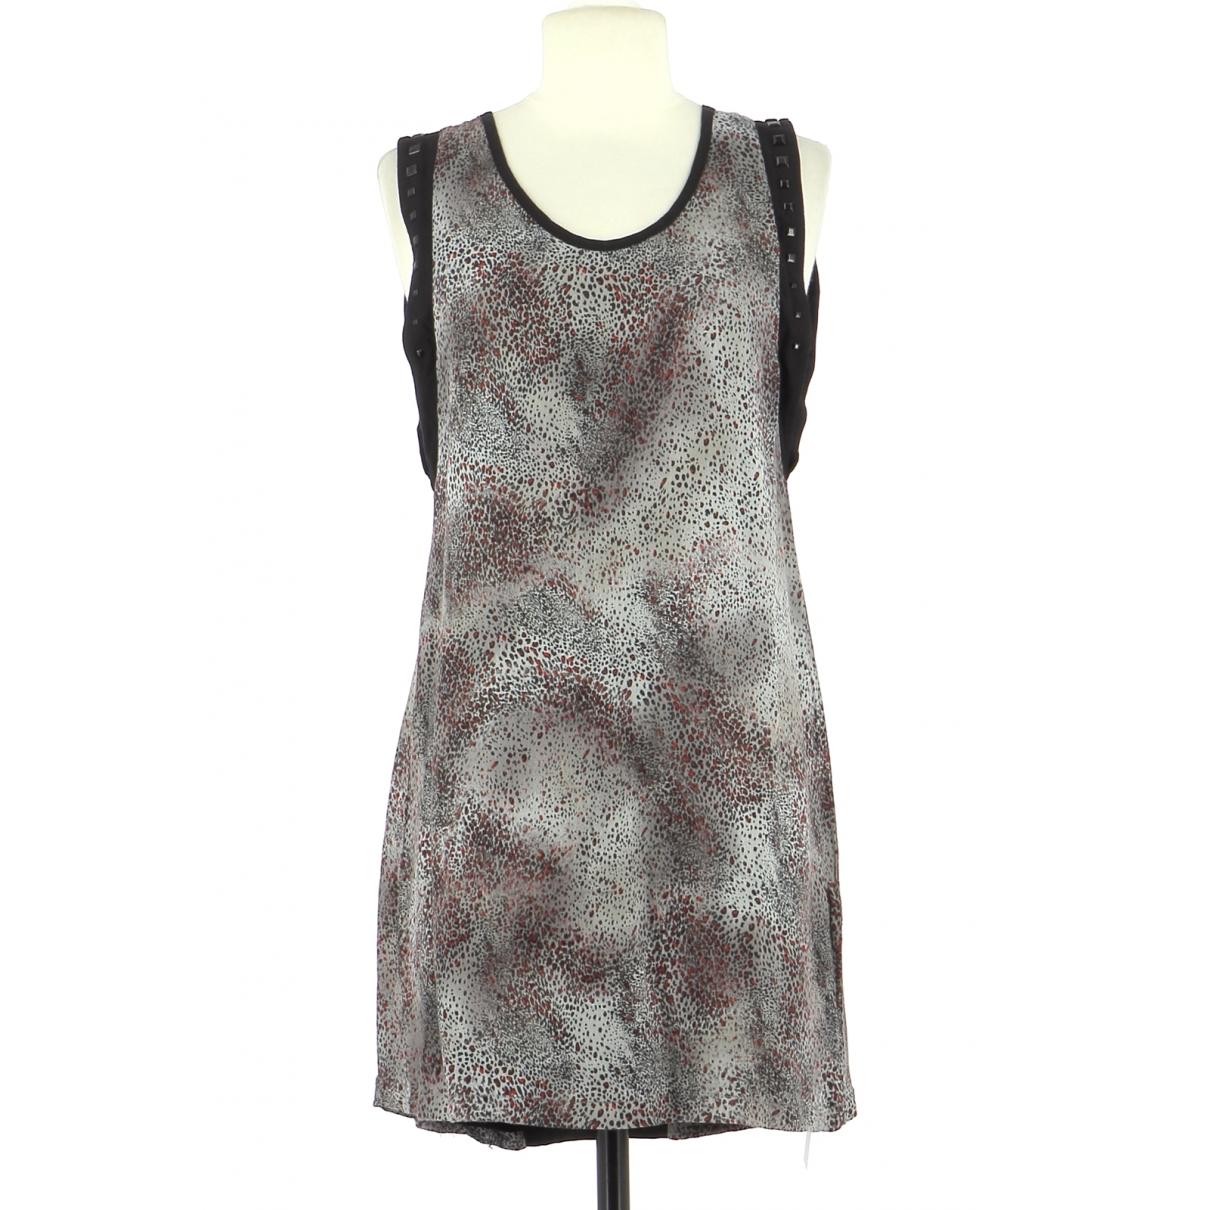 Ikks \N Kleid in  Grau Viskose